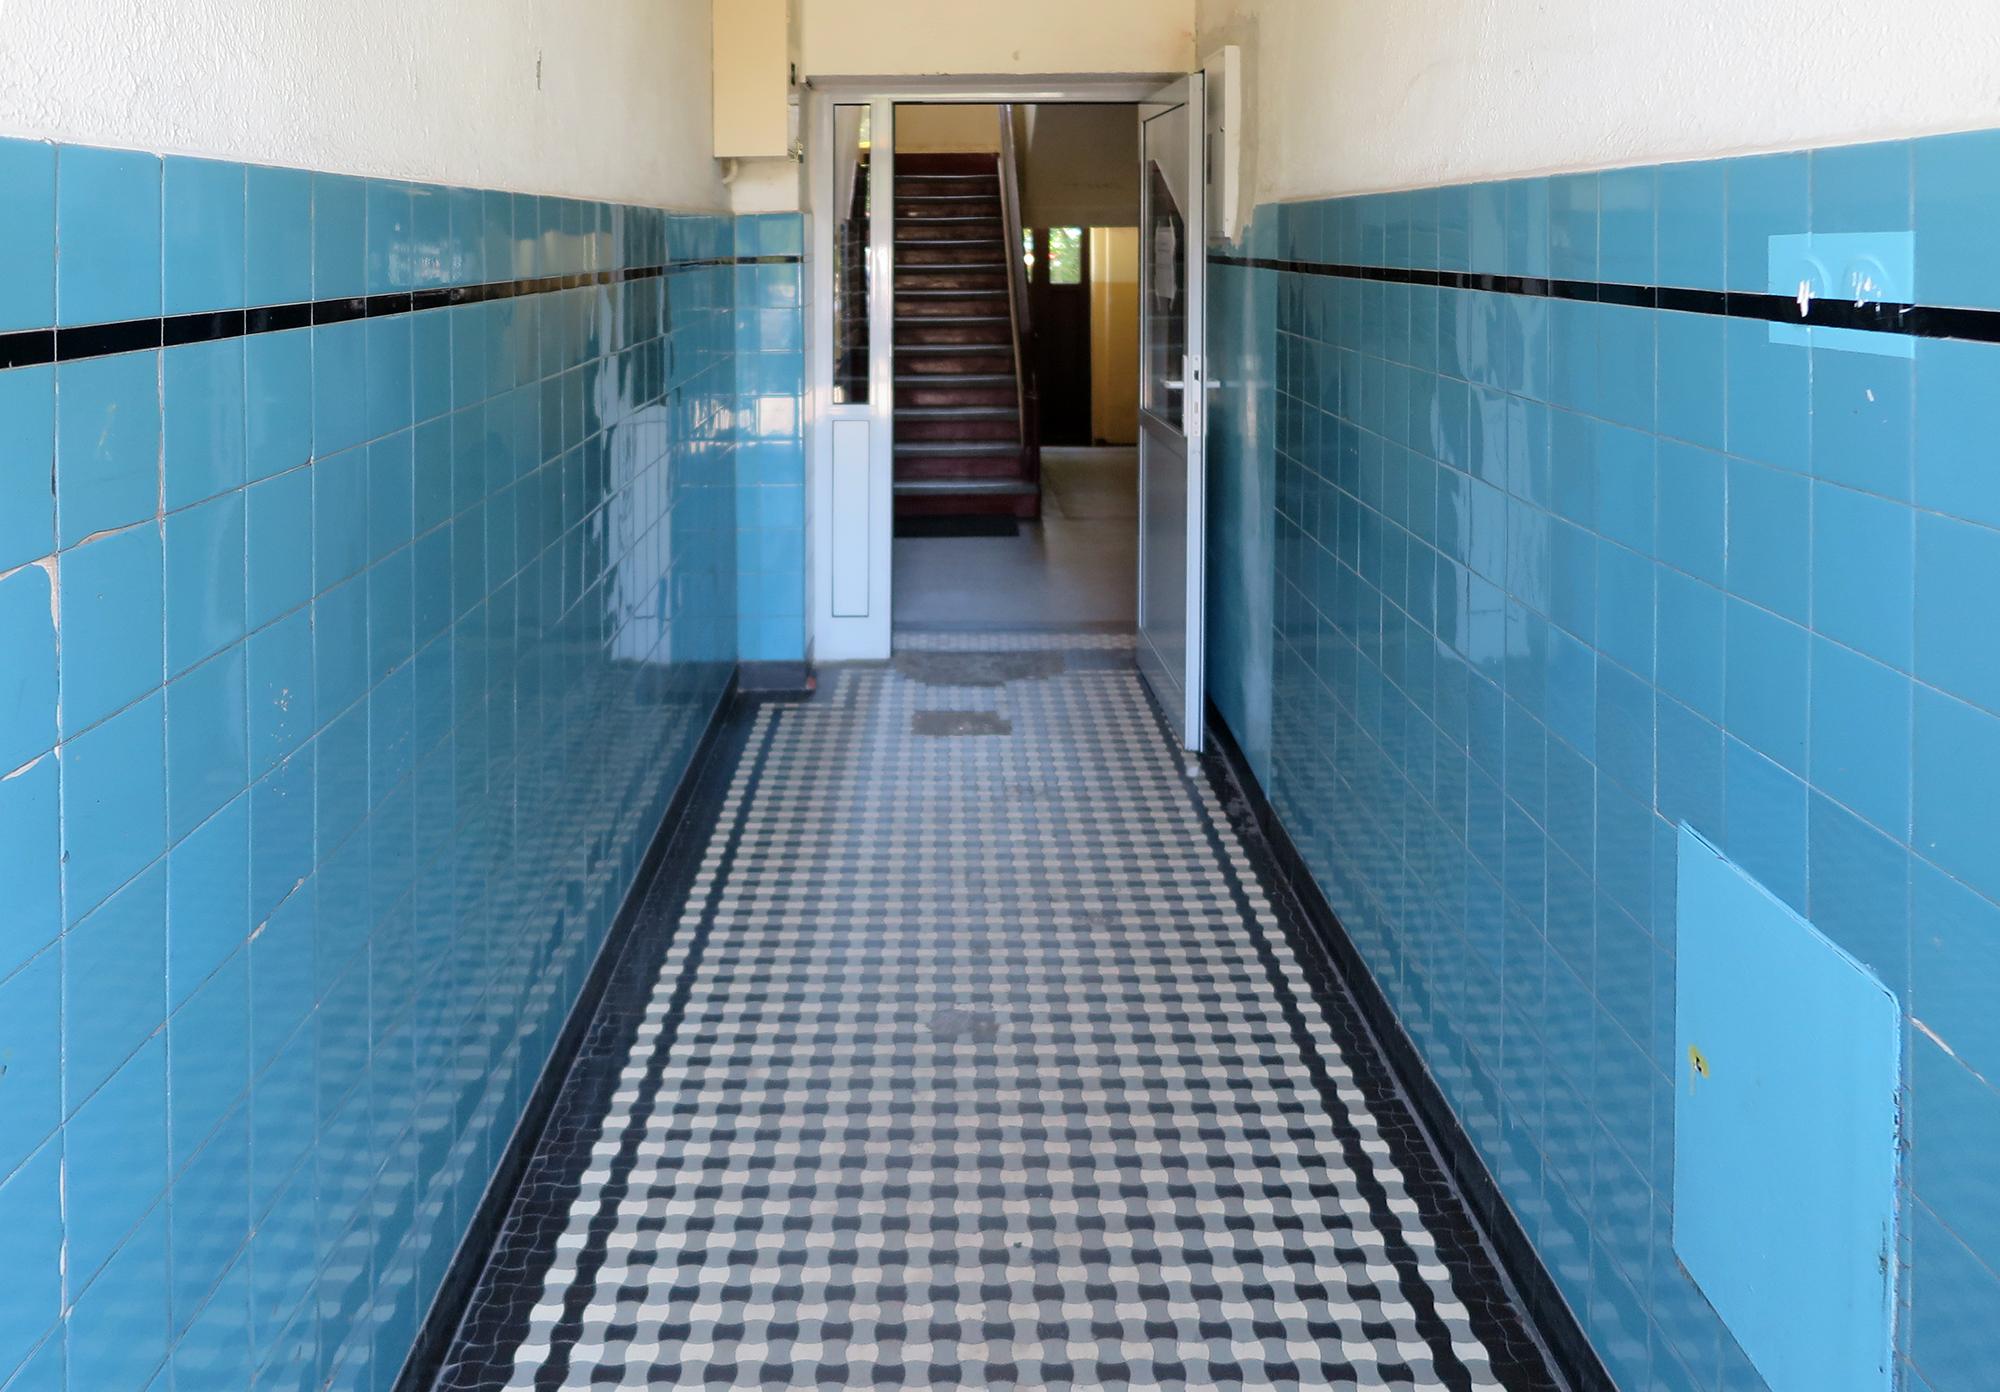 Strefa wejściowa w kamienicy przy ul. Portowej 3, dolne partie ścian wykończone ceramicznymi błękitnymi płytkami z wykończeniem z czarnym paskiem, posadzka zakomponowana z czarno-białych płytek tzw. gorsecików.